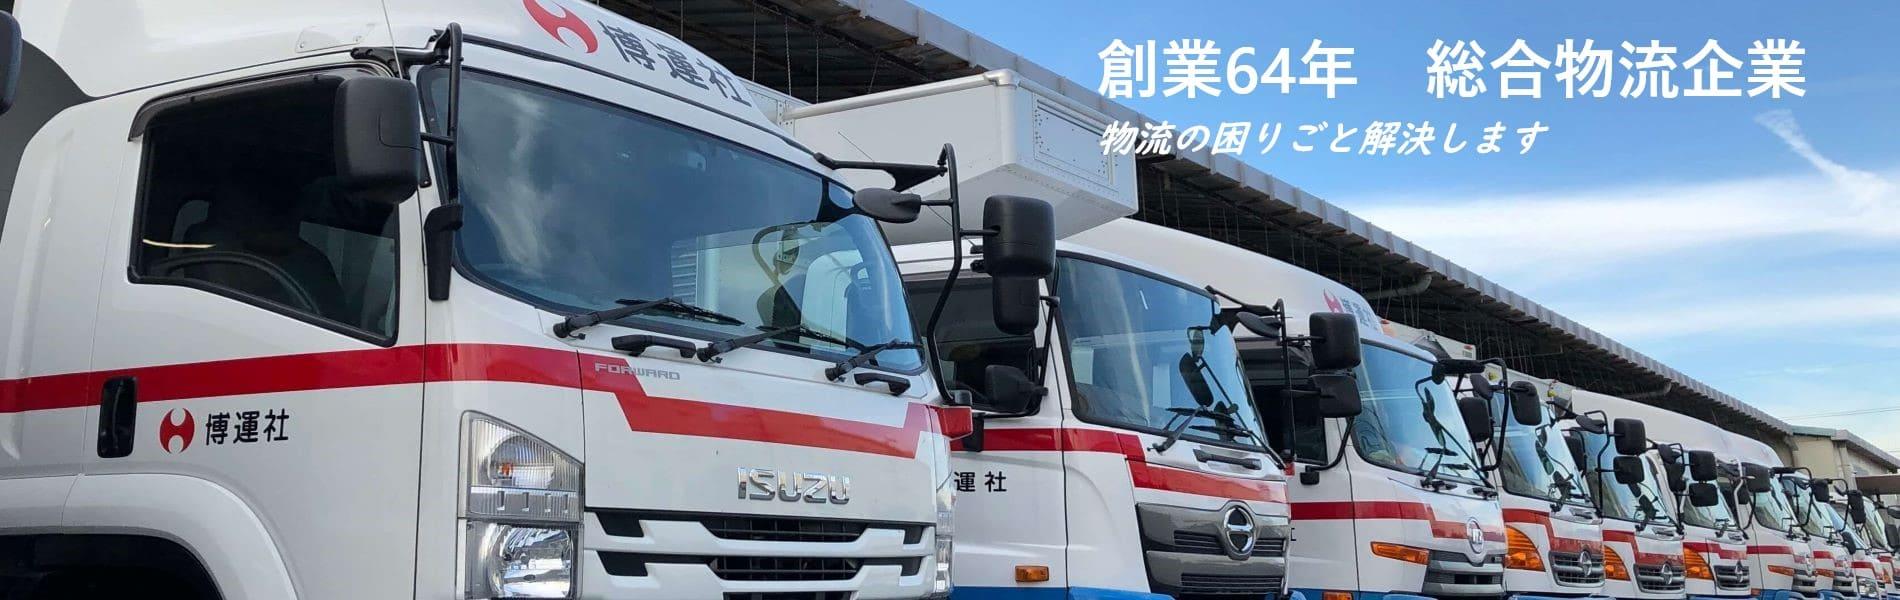 福岡を中心とした運送ネットワーク